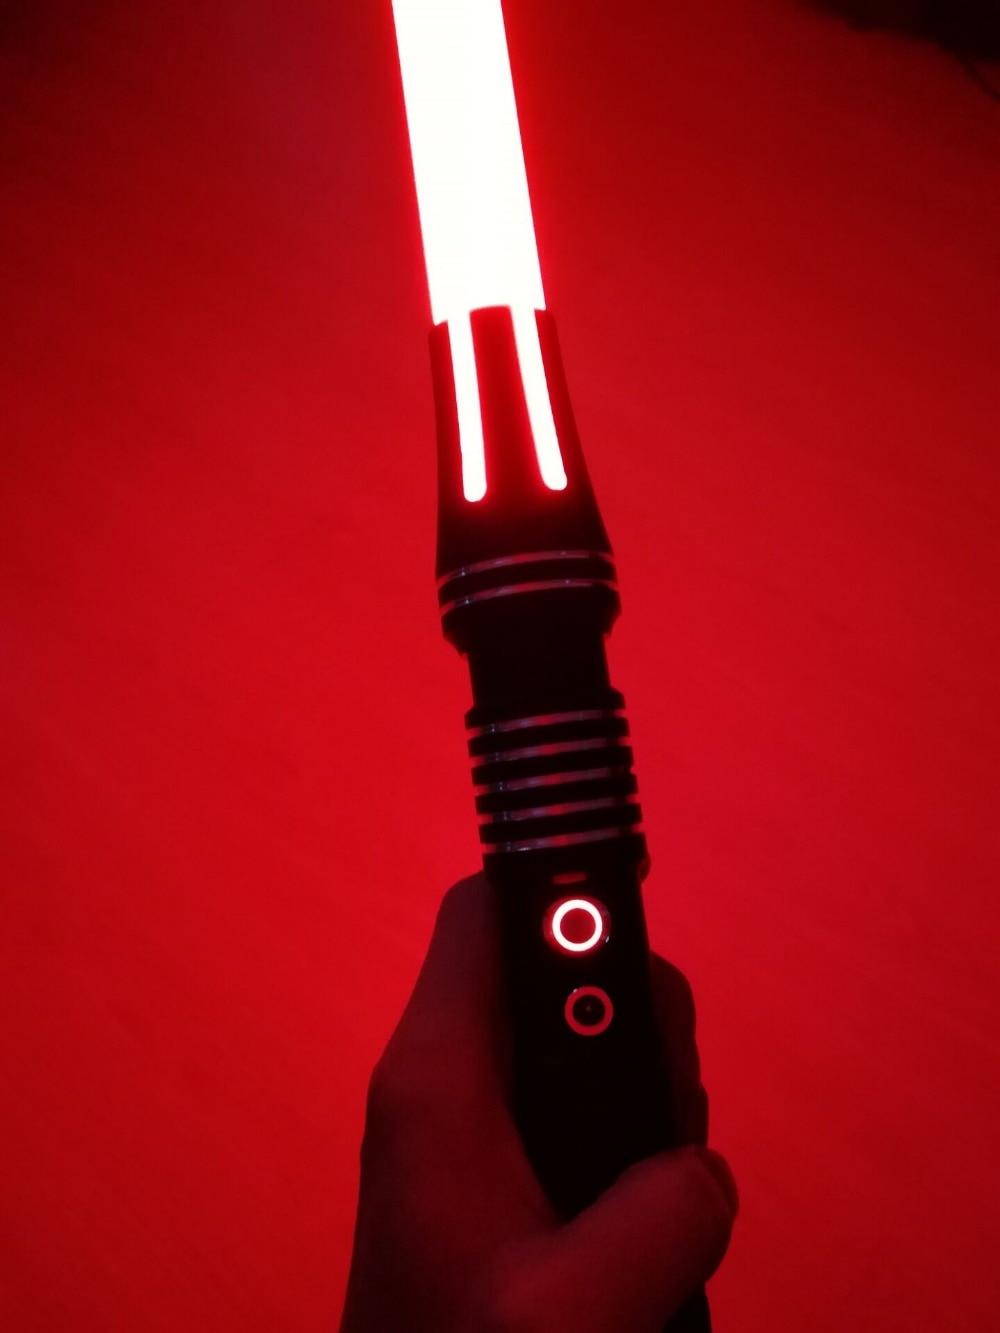 11 couleurs Sabre Laser Garçon Gril Jouet Clignotant Épée RGB Épée Cosplay Intéressant Étoiles Laser Émettant Créatives En Plein Air jouet pour enfant - 6